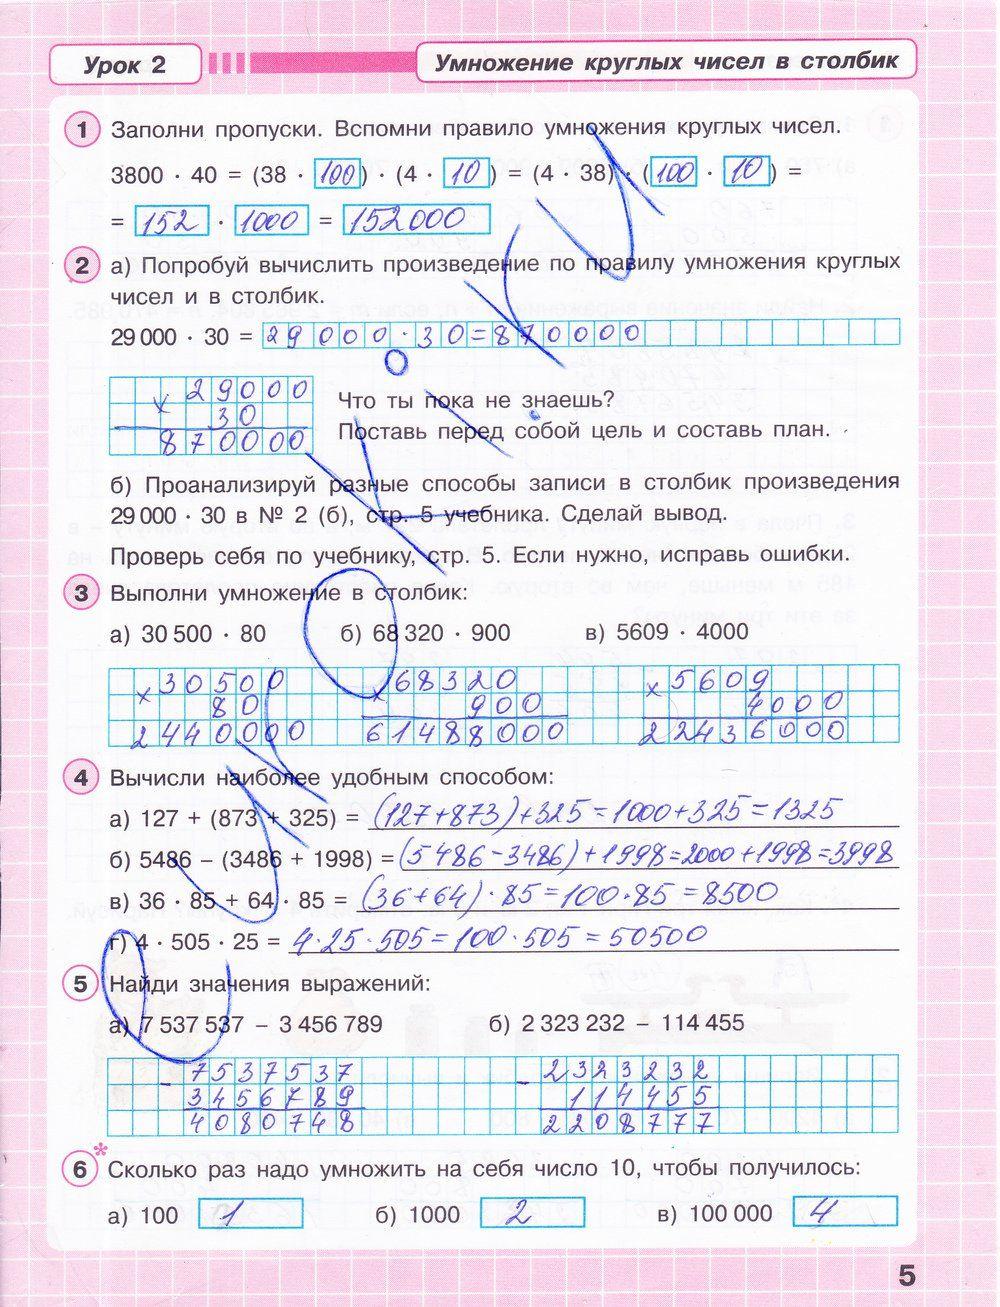 Поурочные планы по русскому языку 9 класса с казахским языком обучения